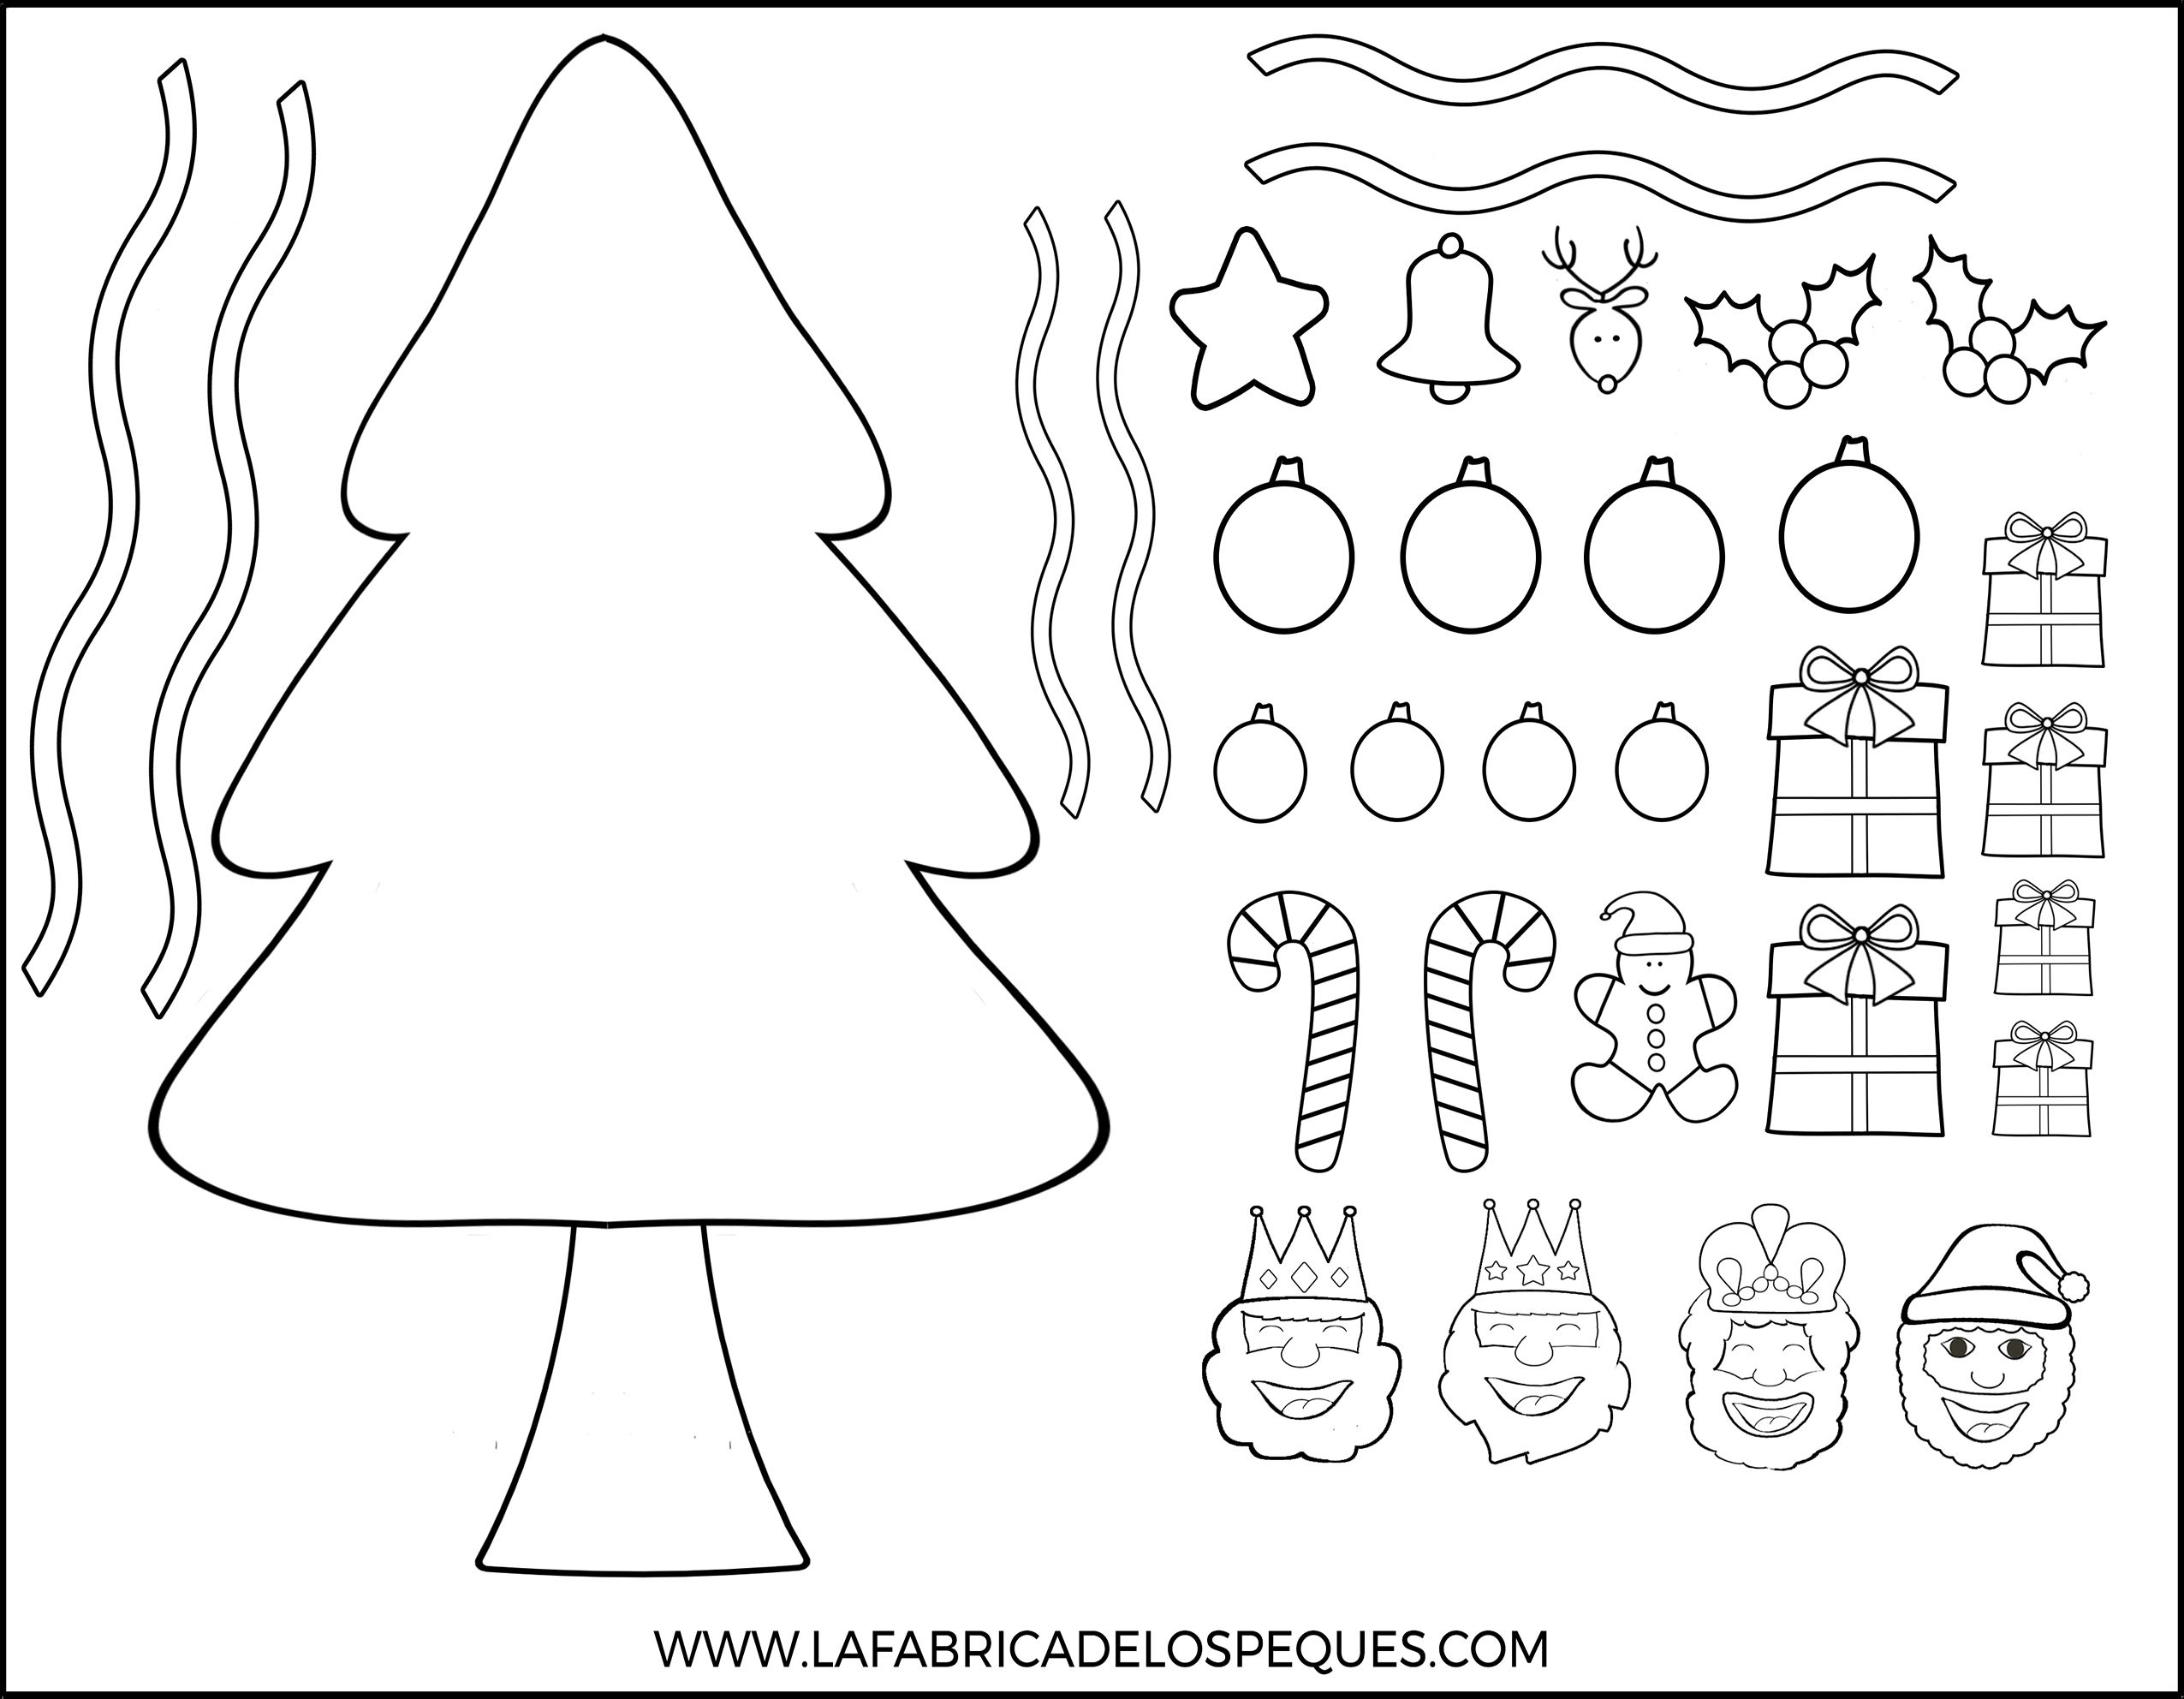 Imprimibles infantiles gratis árbol navidad papel | Manualidades con ...